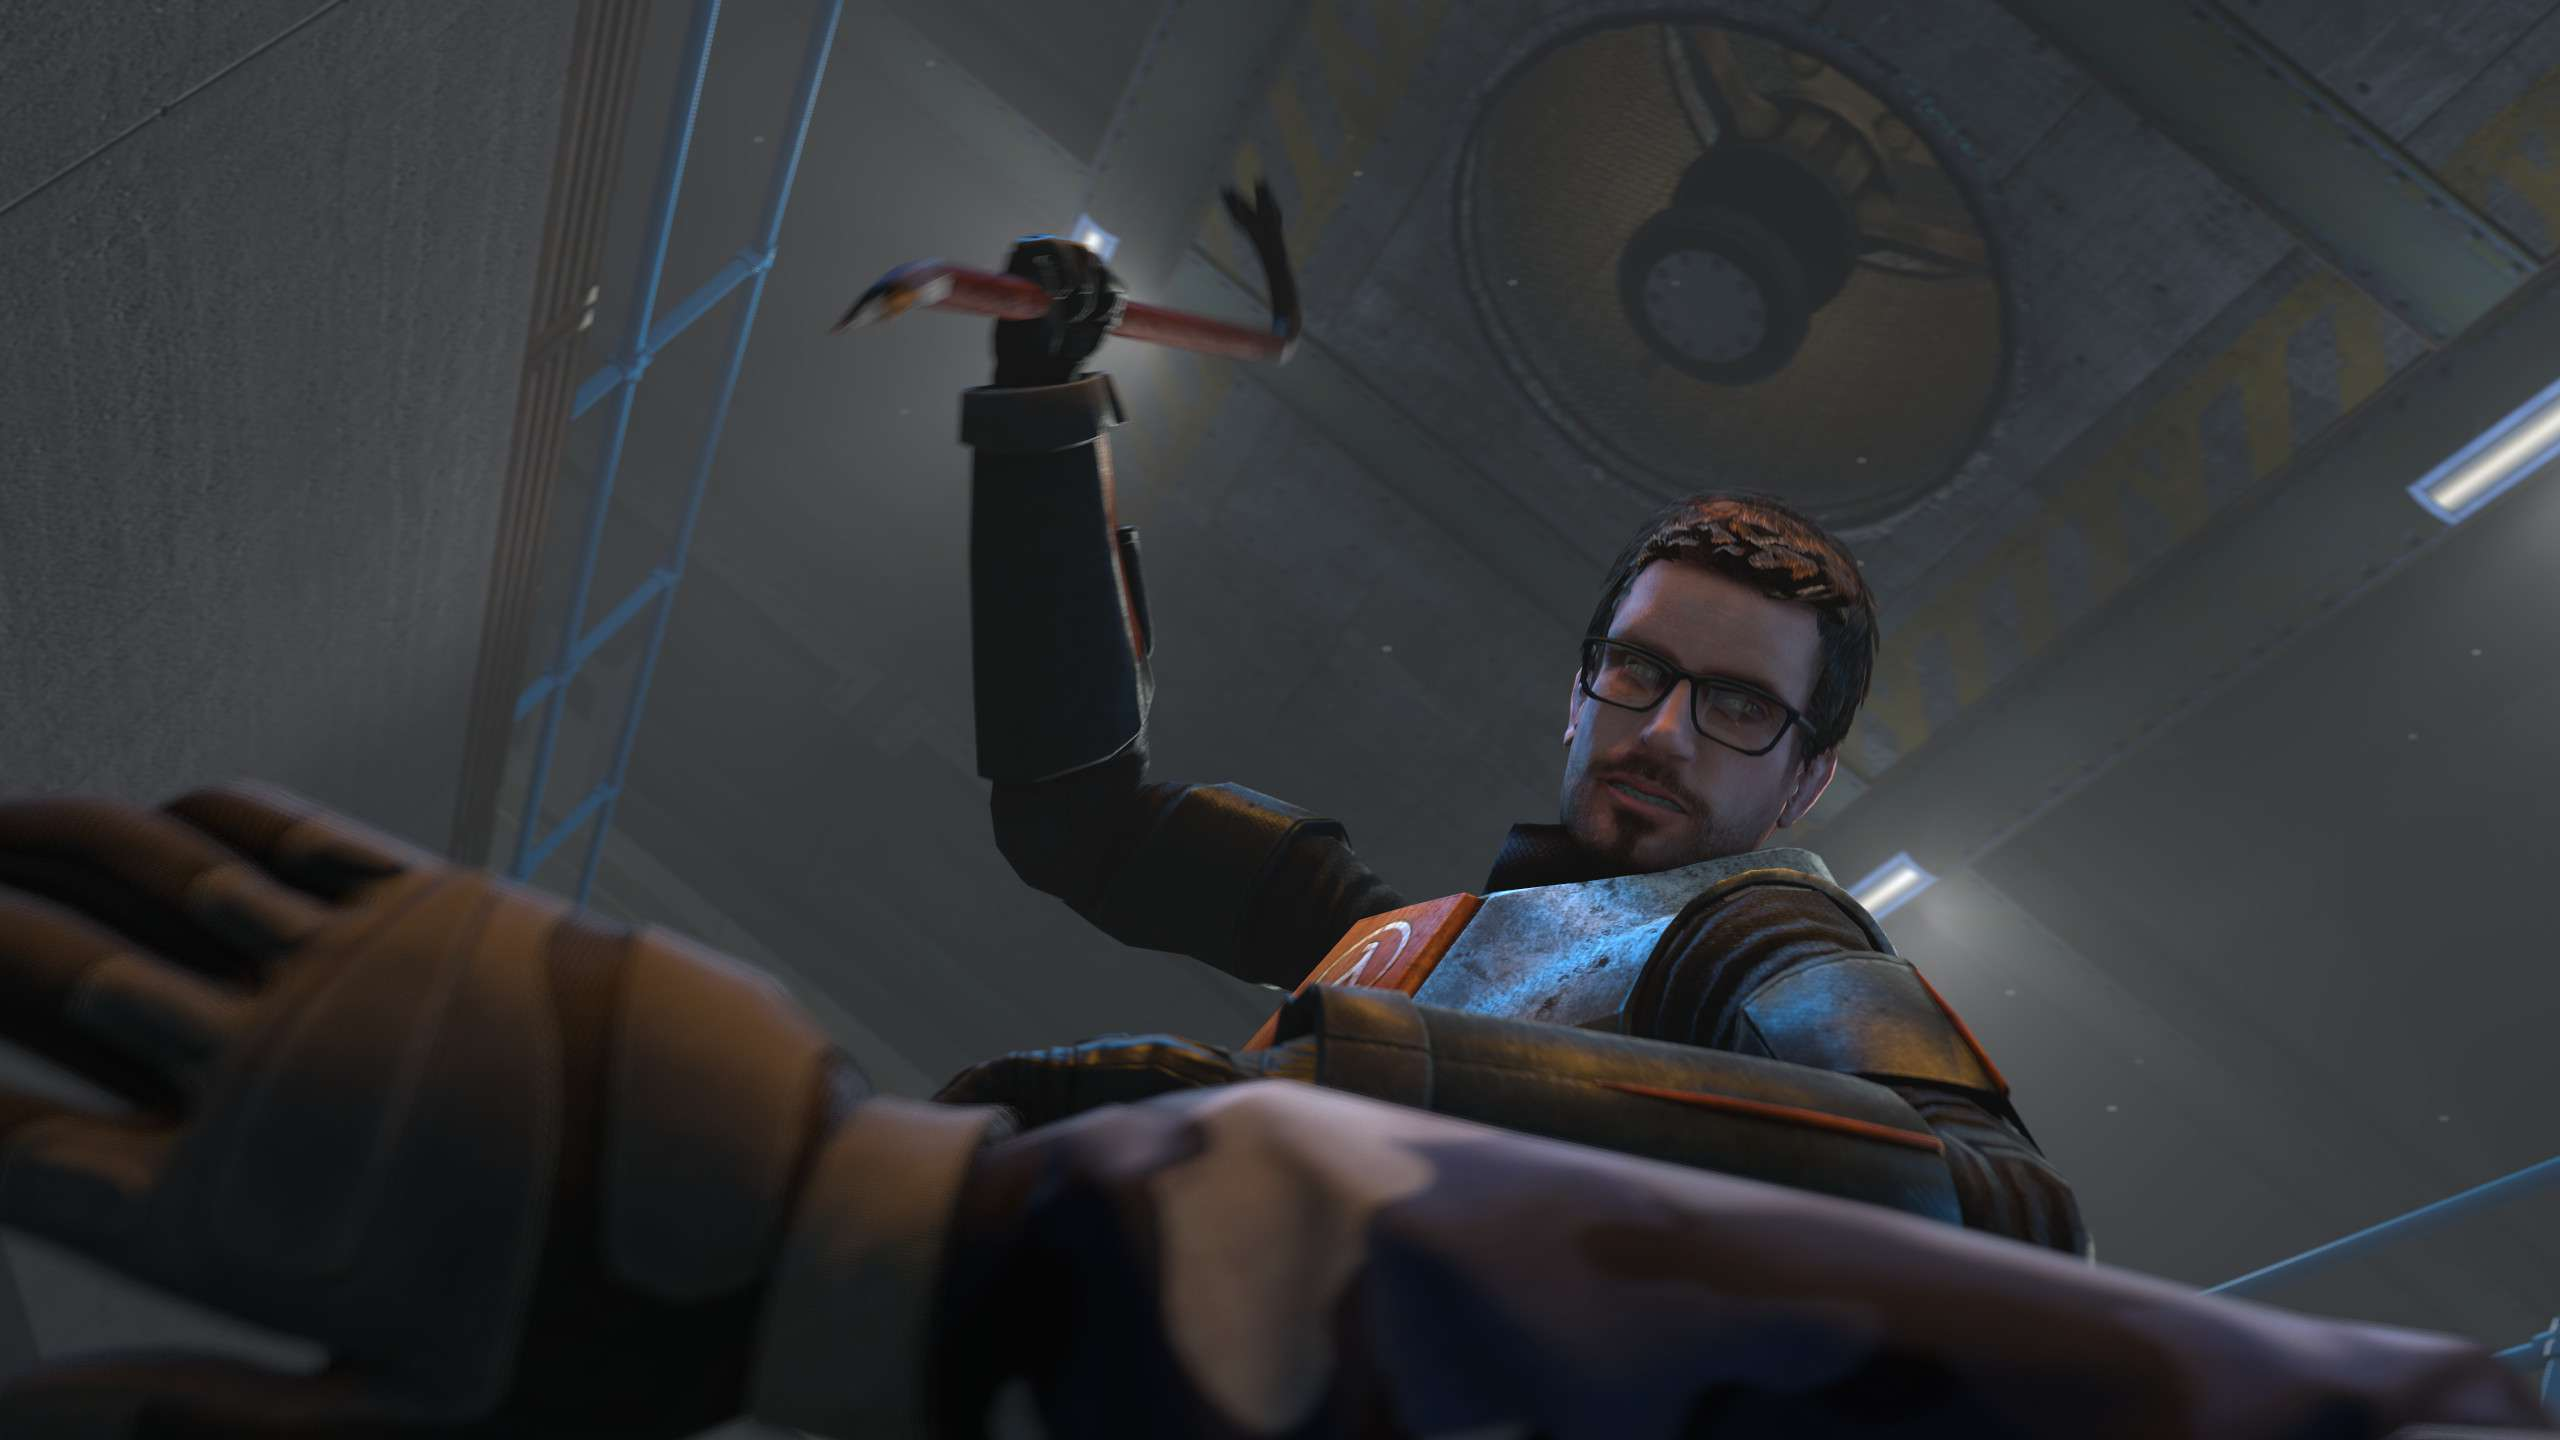 В Steam запускают фанатский спин-офф Half-Life